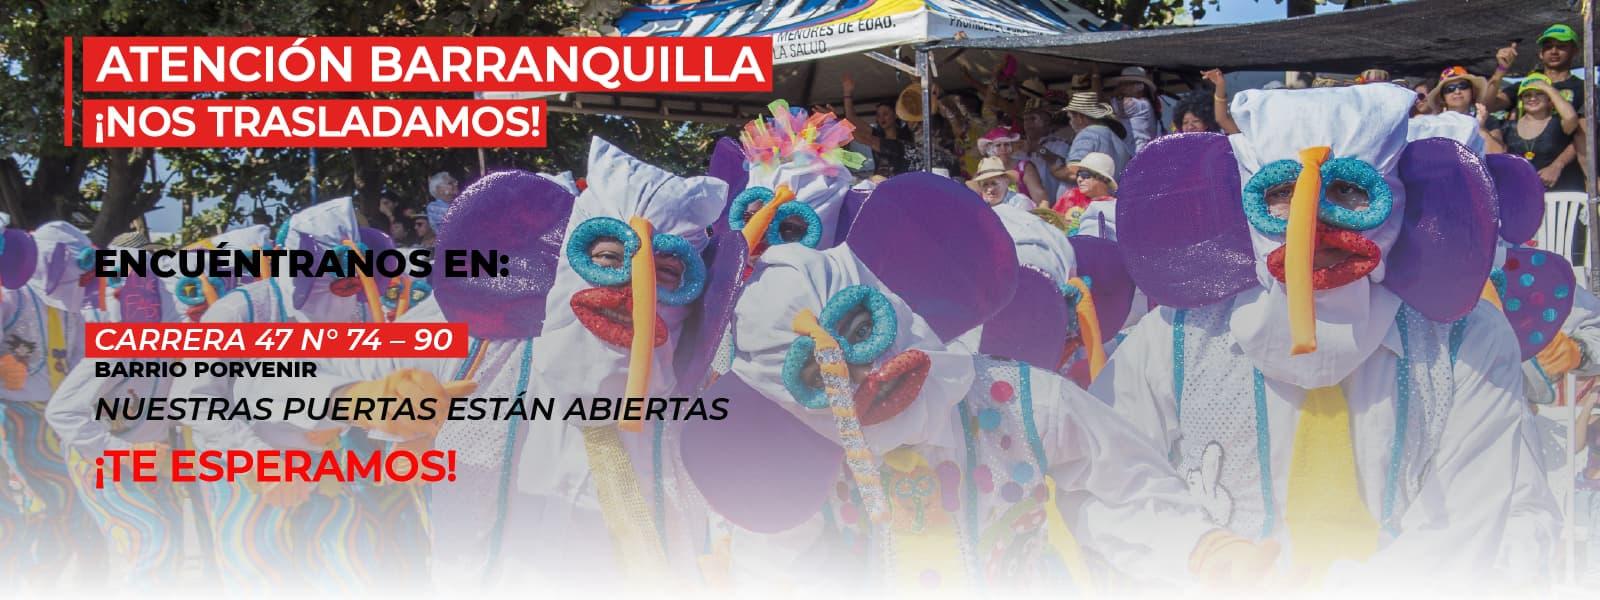 Nueva oficina Barranquilla